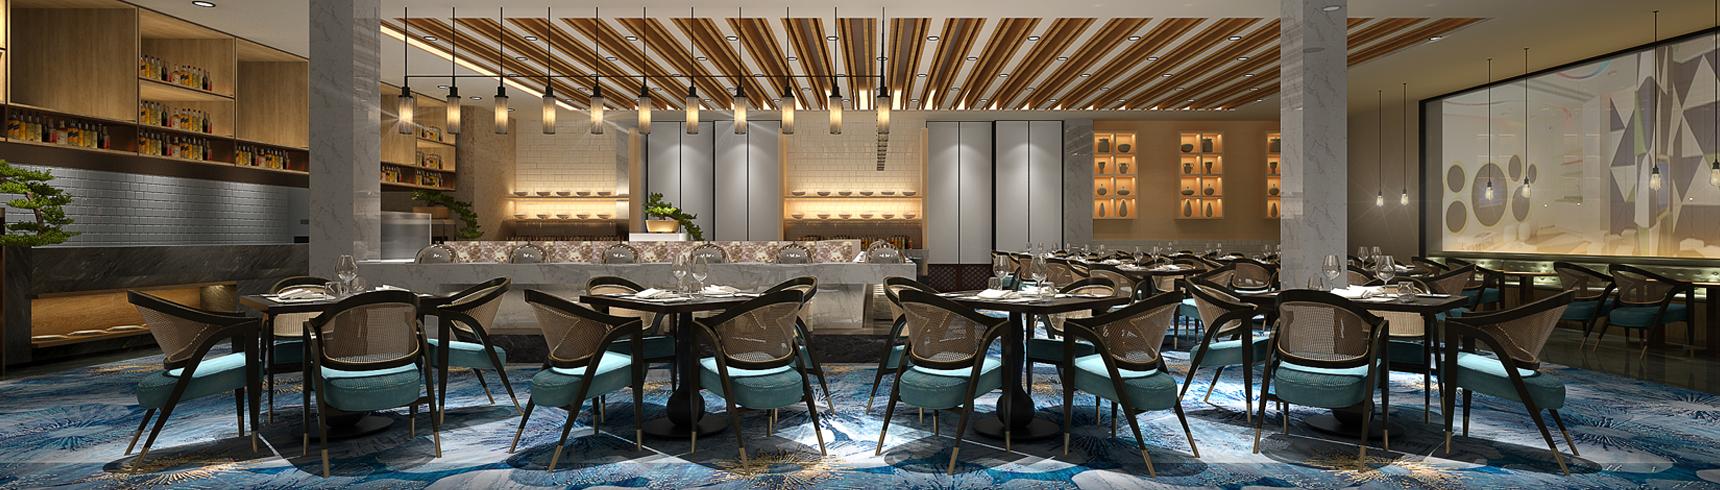 现代酒店餐厅 自助餐厅西餐厅3D模型下载